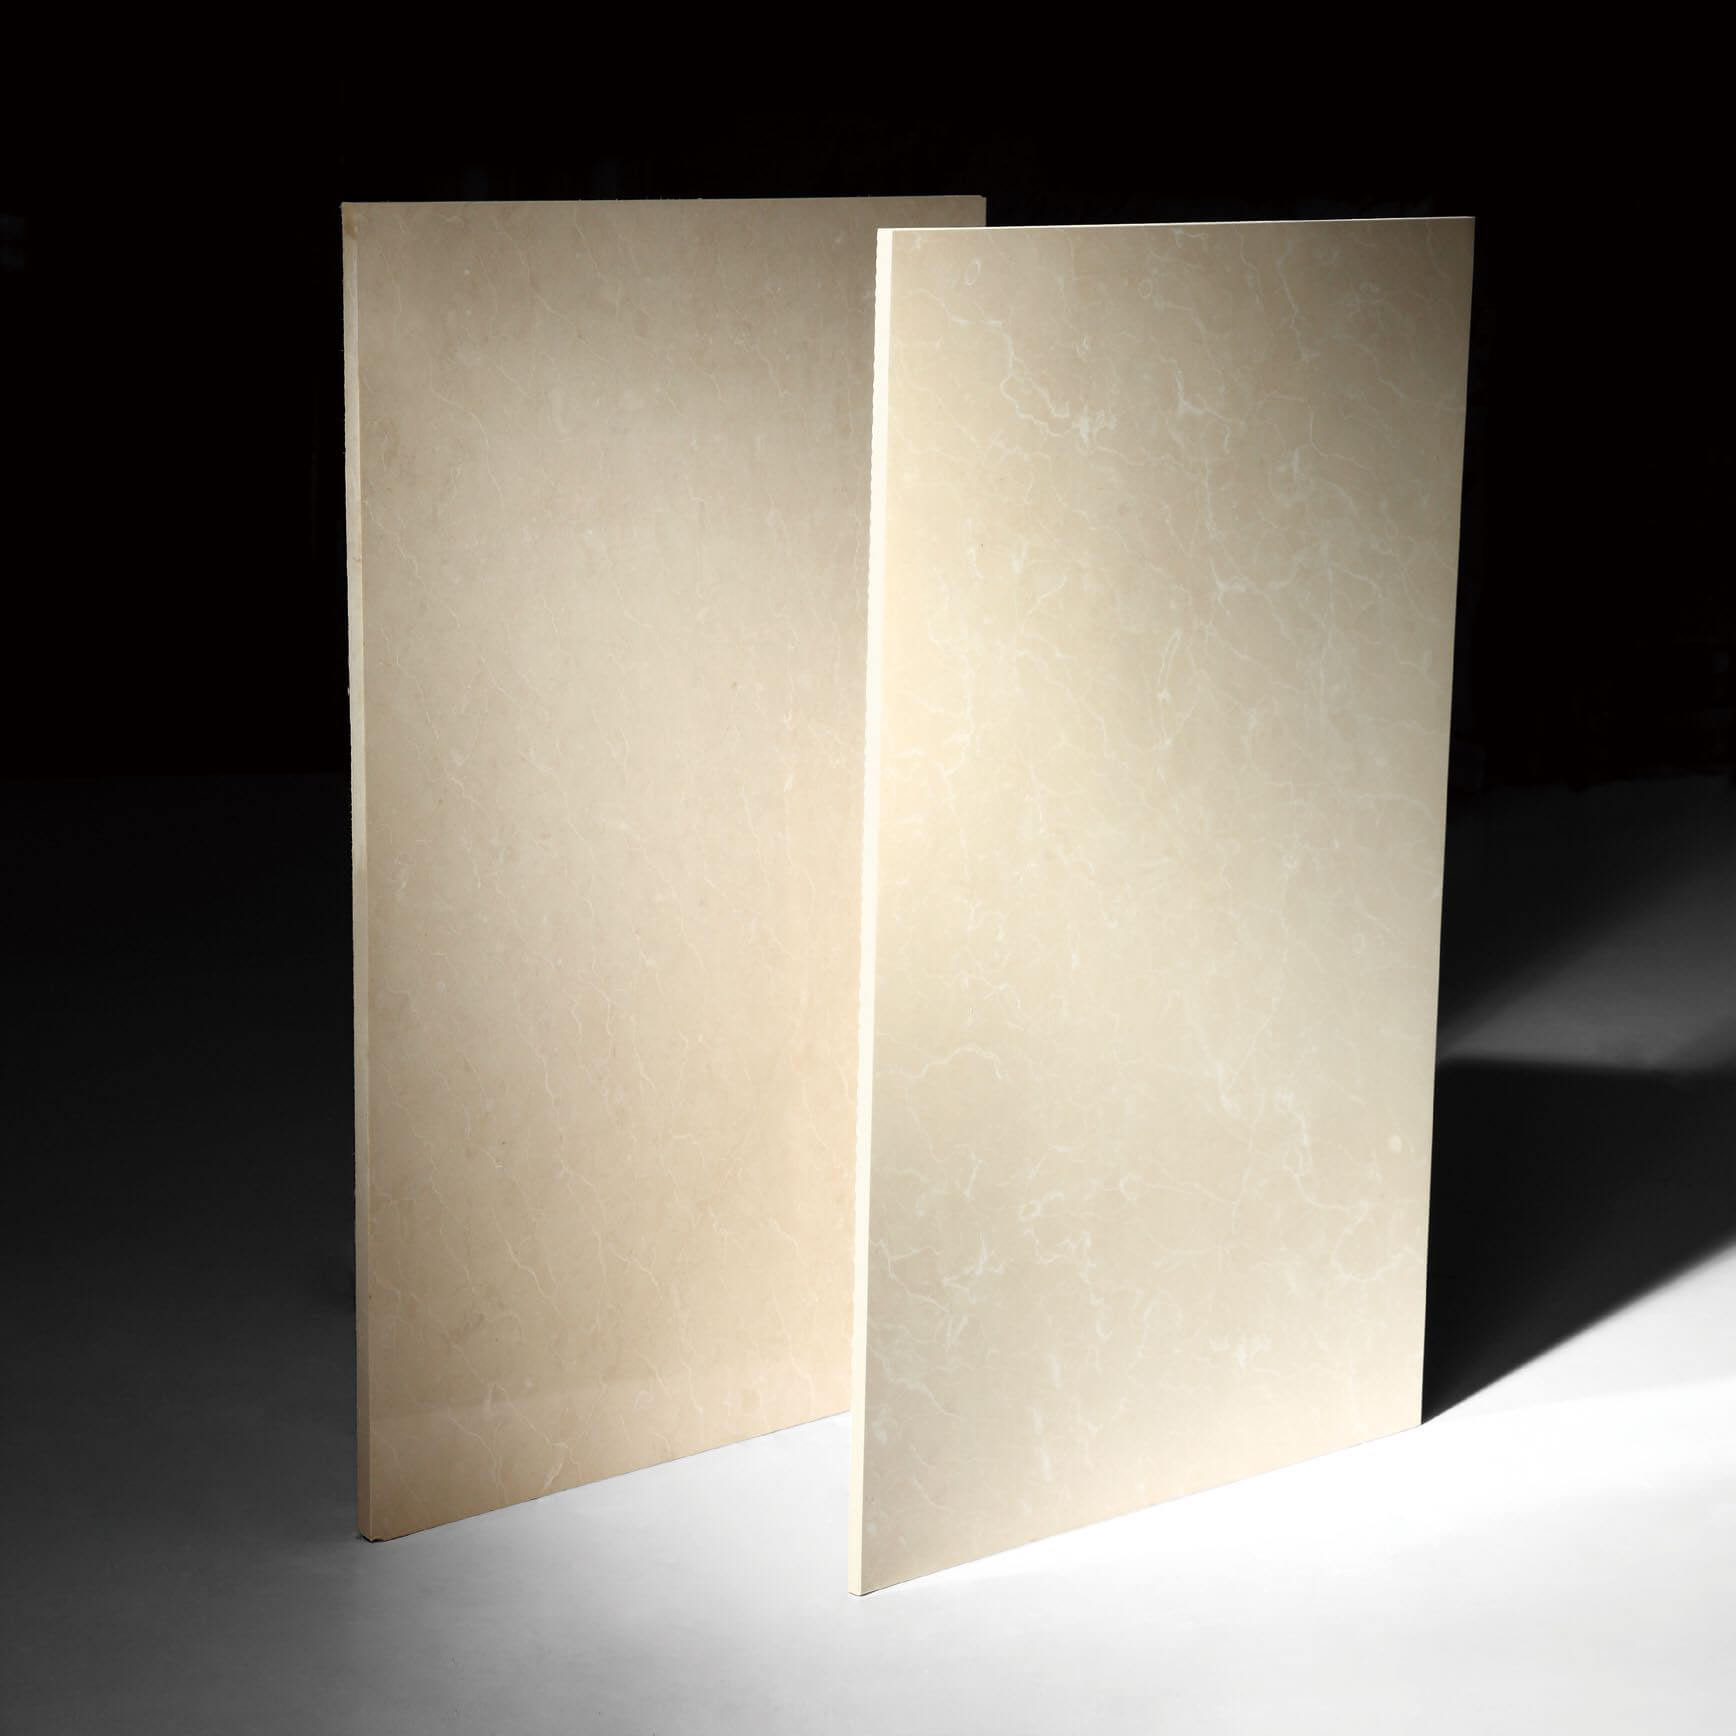 Wandtegels 60x90 - Kera Botticinno Semiclassico - Gepolijst